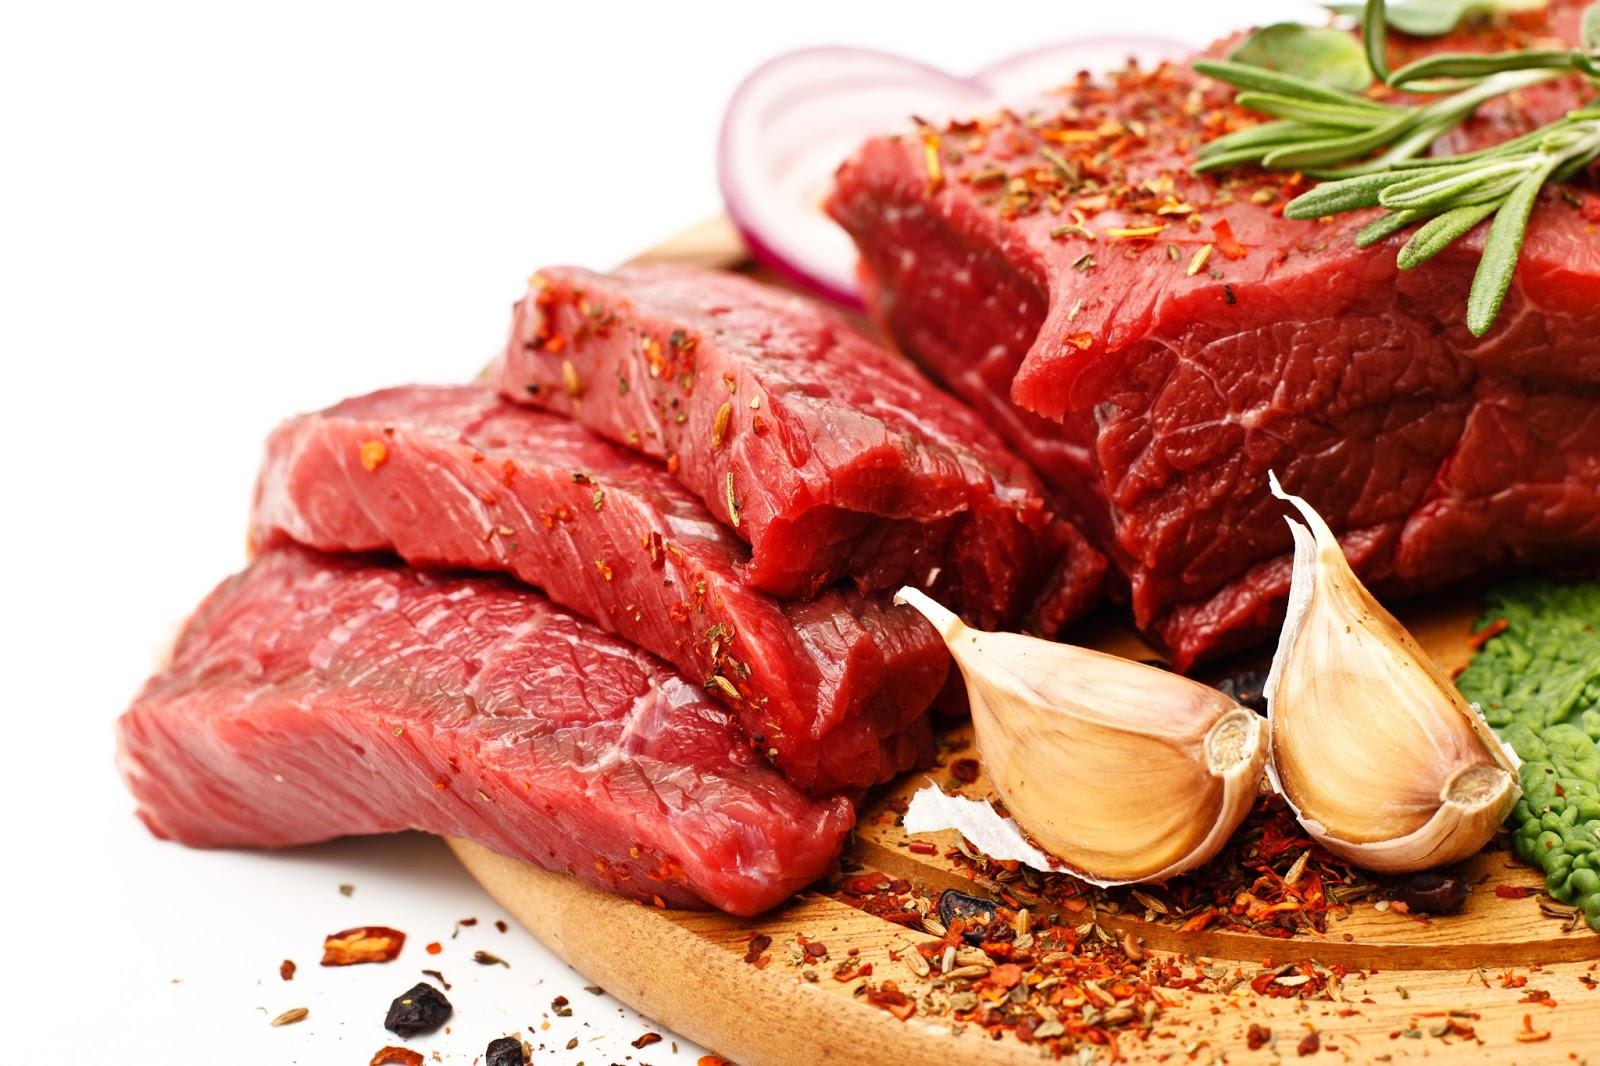 طريقة تخزين وحفظ اللحوم دون أن تتعرض للتلف